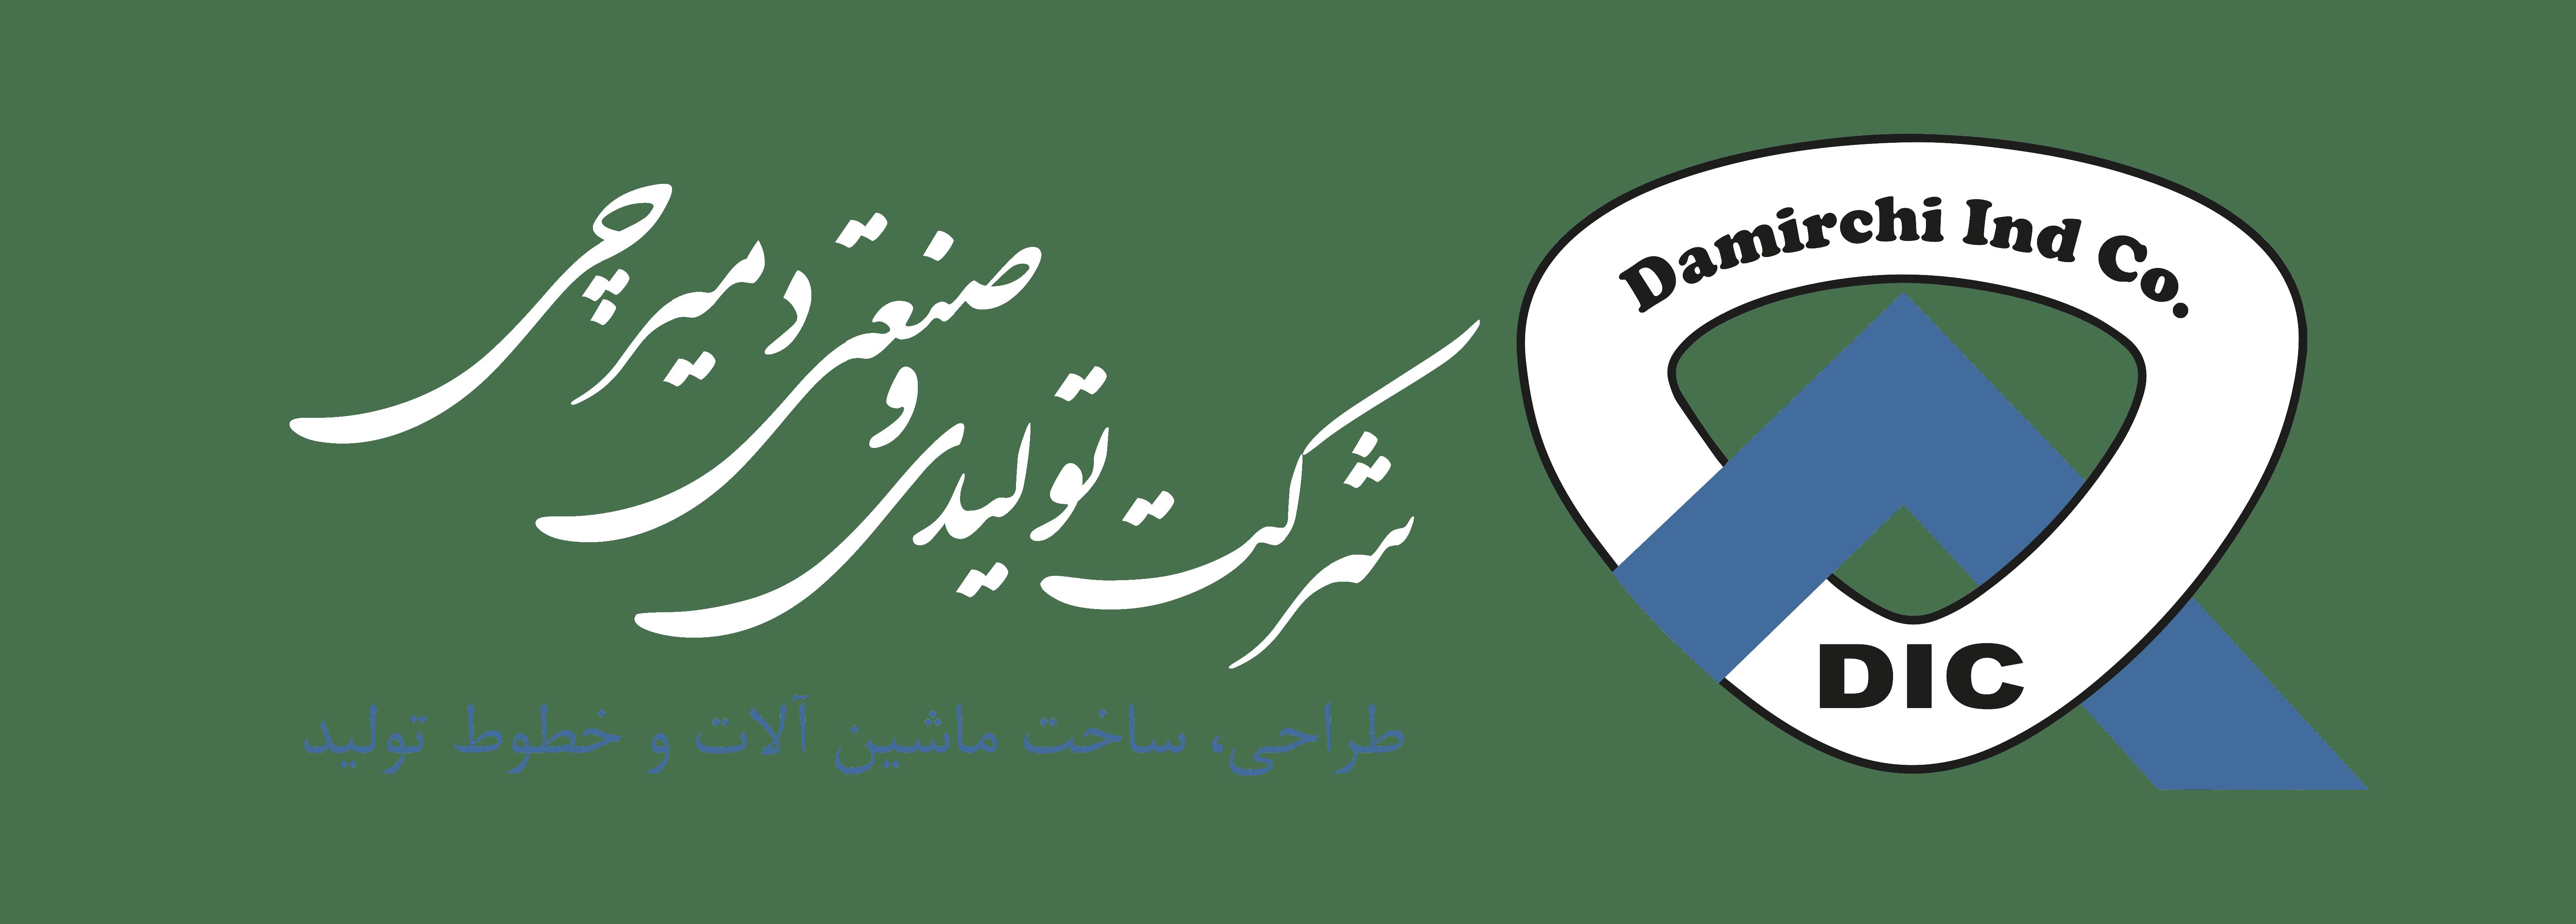 damirchi